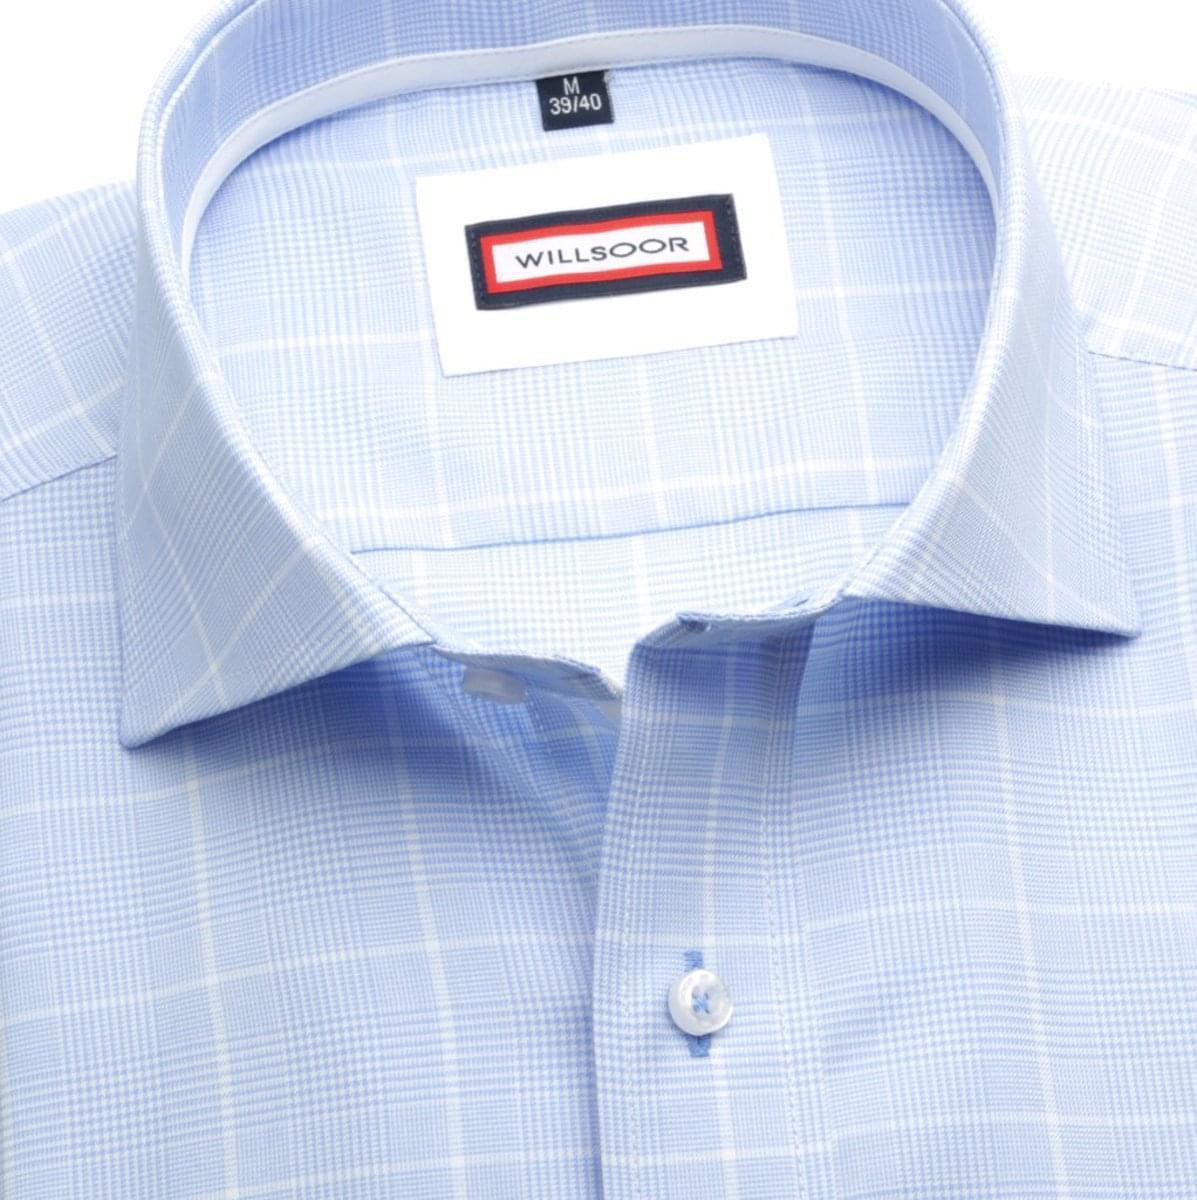 Pánská košile Slim Fit (výška 188-194) 5921 v modré barvě s formulí Easy Care 188-194 / M (39/40)